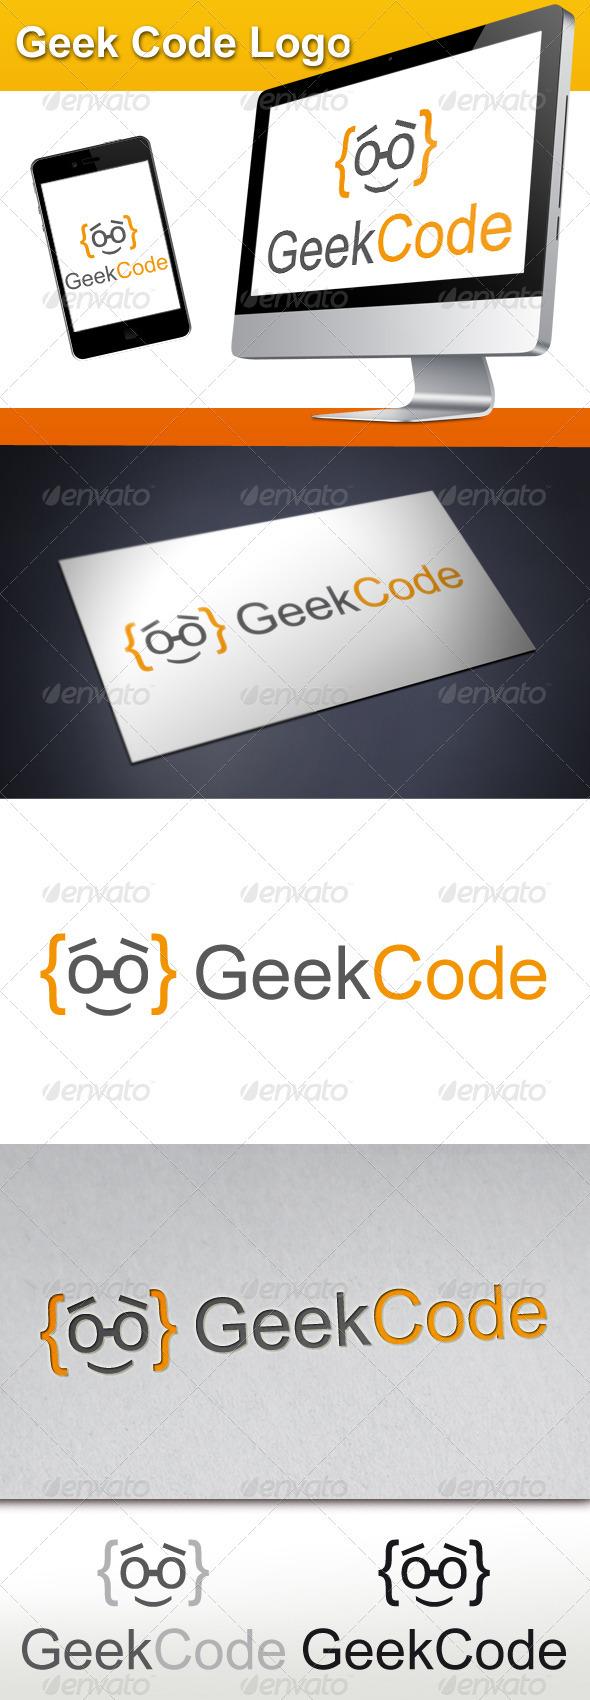 Geek Code Logo